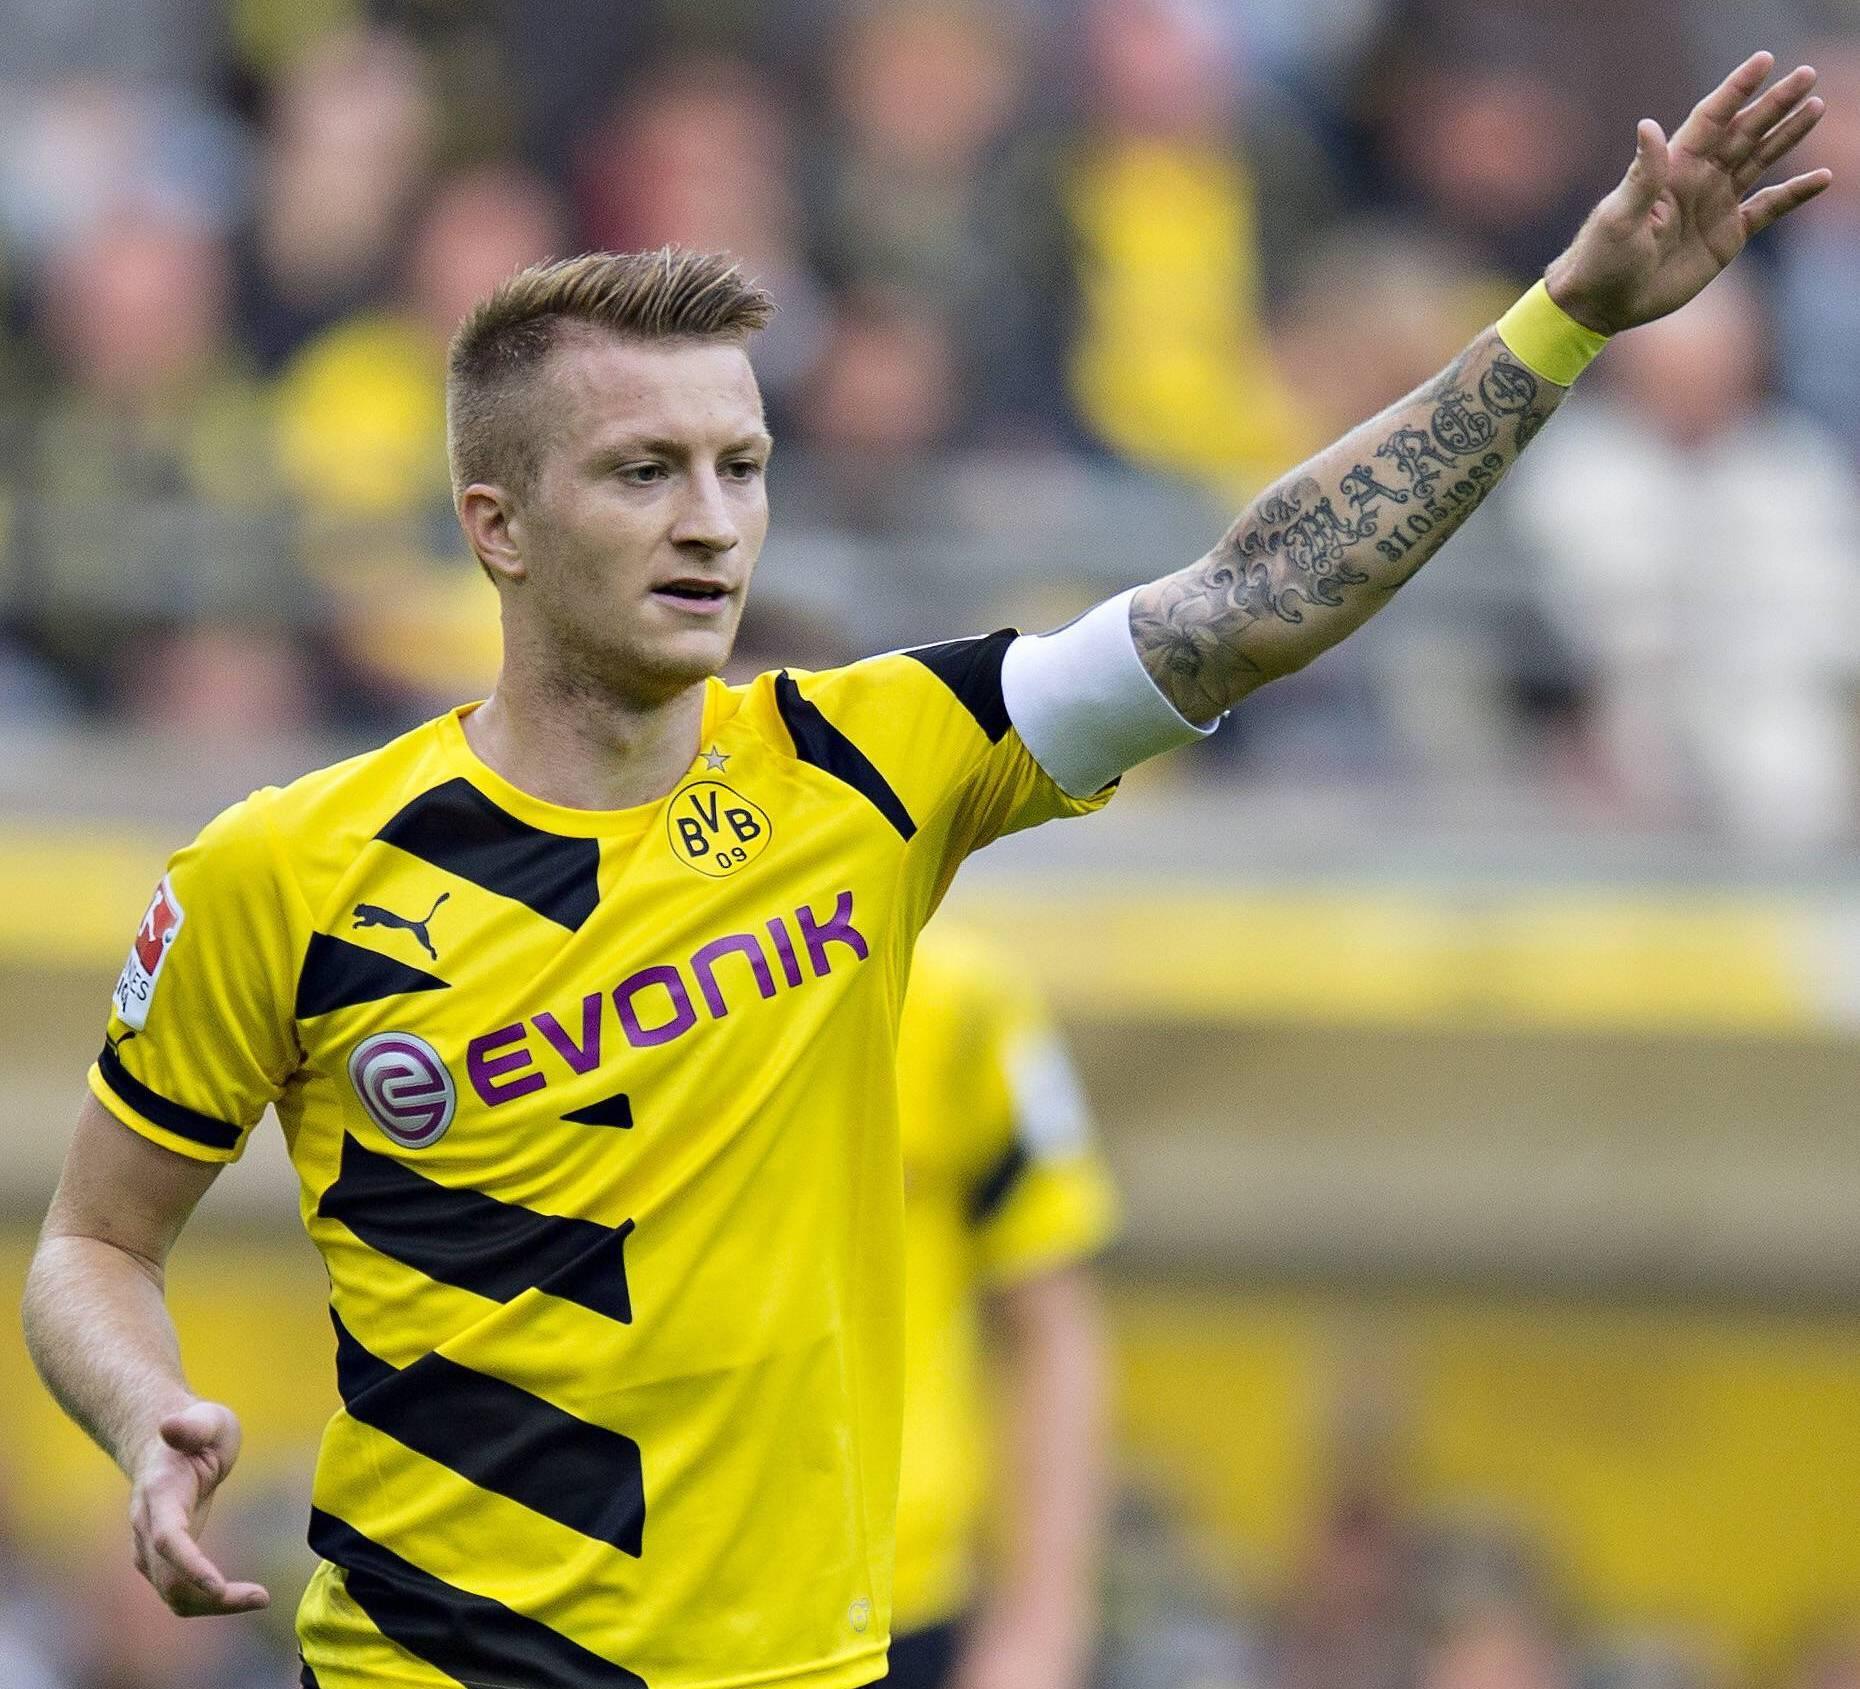 Wie Viele Bundesligaspieler Sind Eigentlich Tatowiert Vice